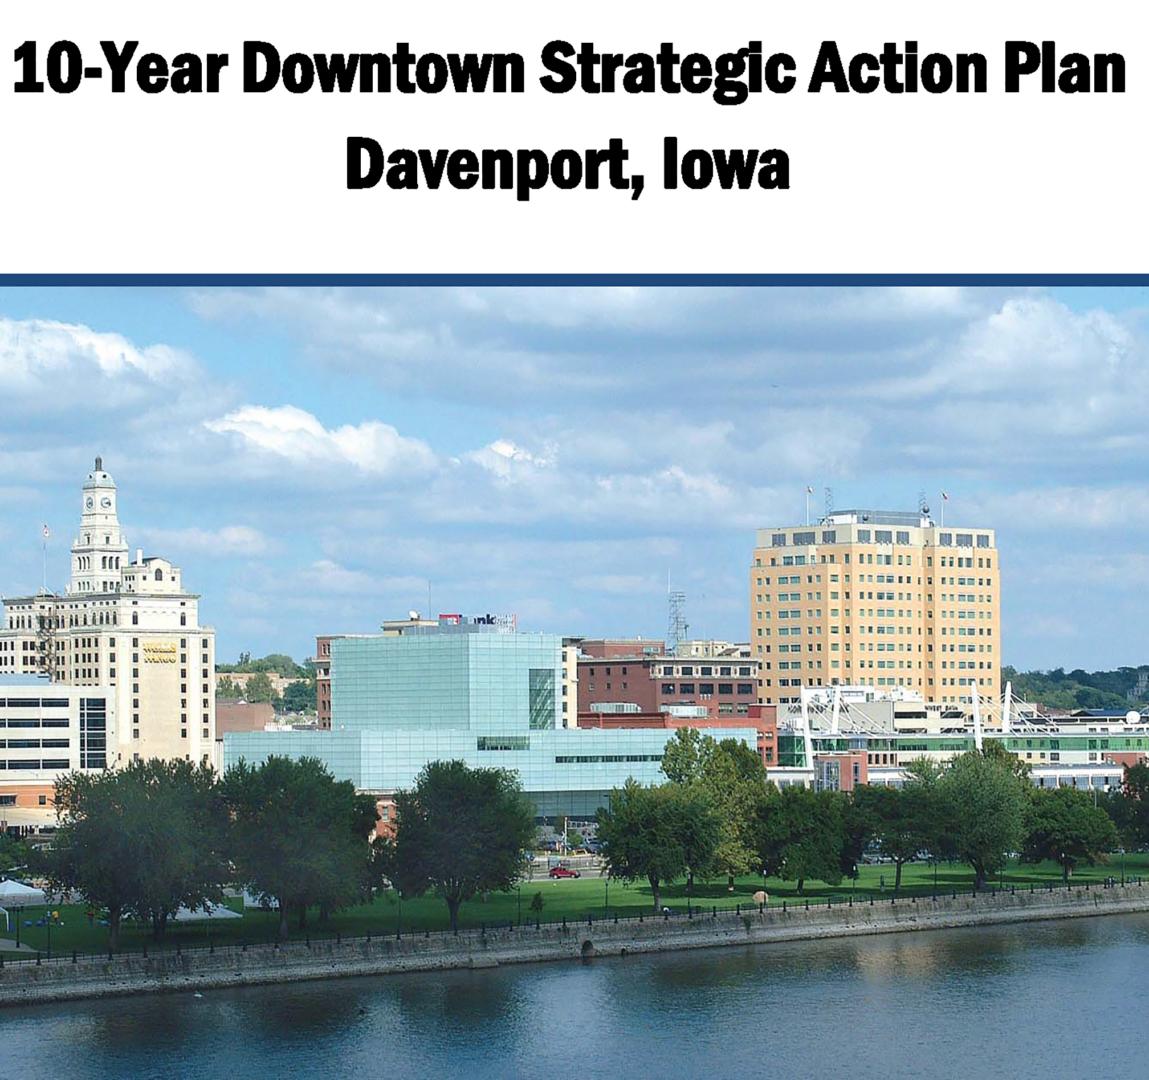 DT Davenport Strategic Plan3